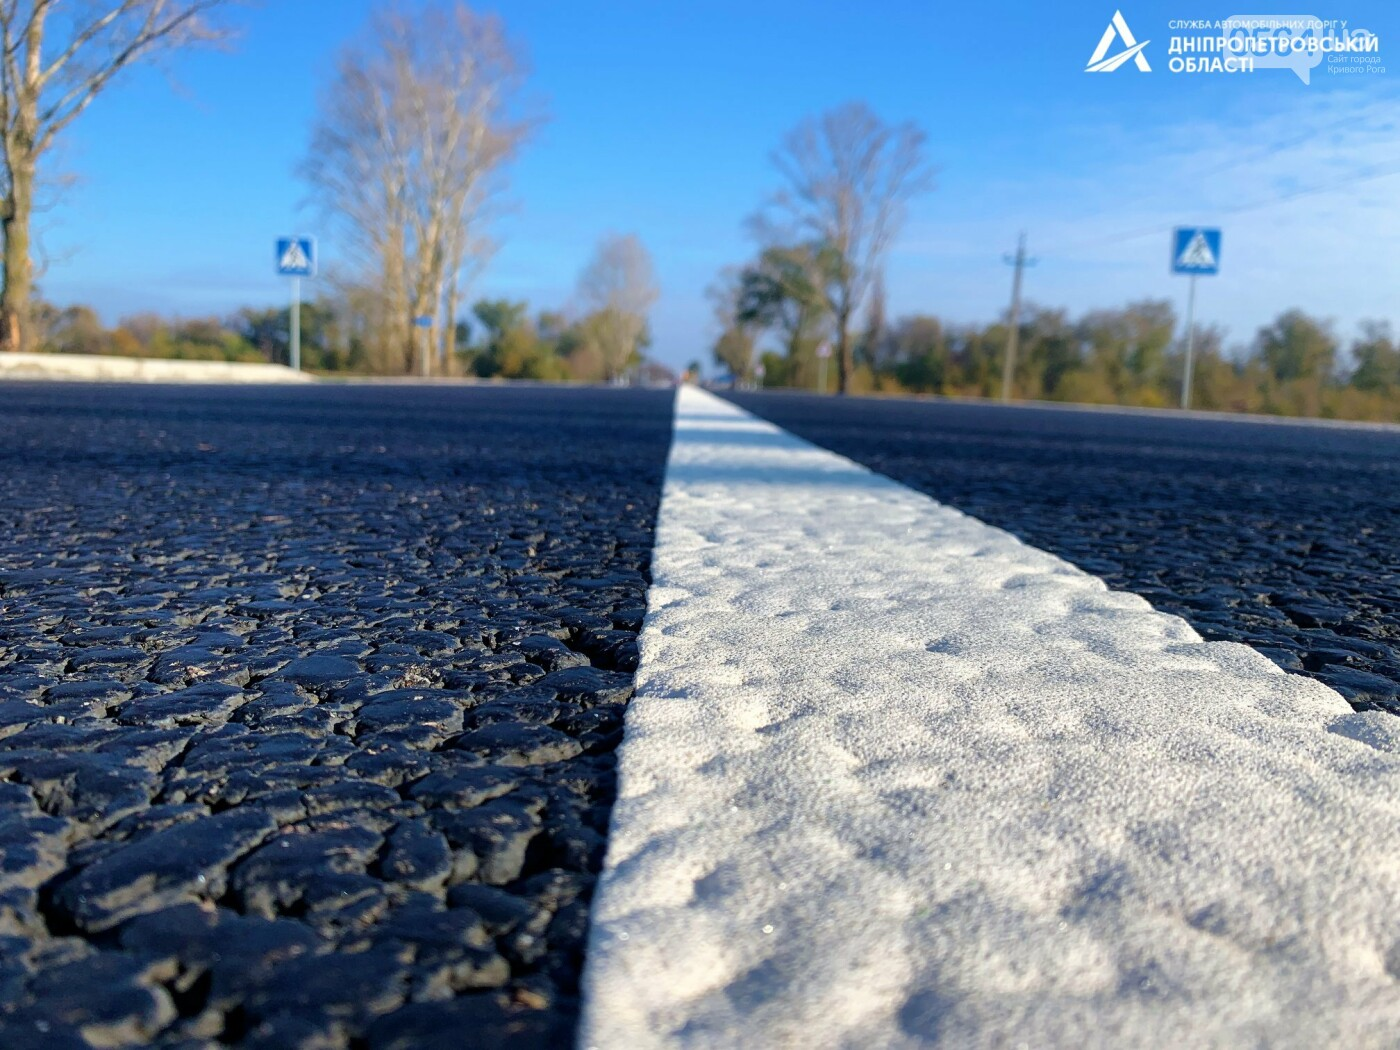 Завершается ремонт трассы Кривой Рог - Николаев  - дорожники наносят разметку и устанавливают знаки, - ФОТО , фото-4